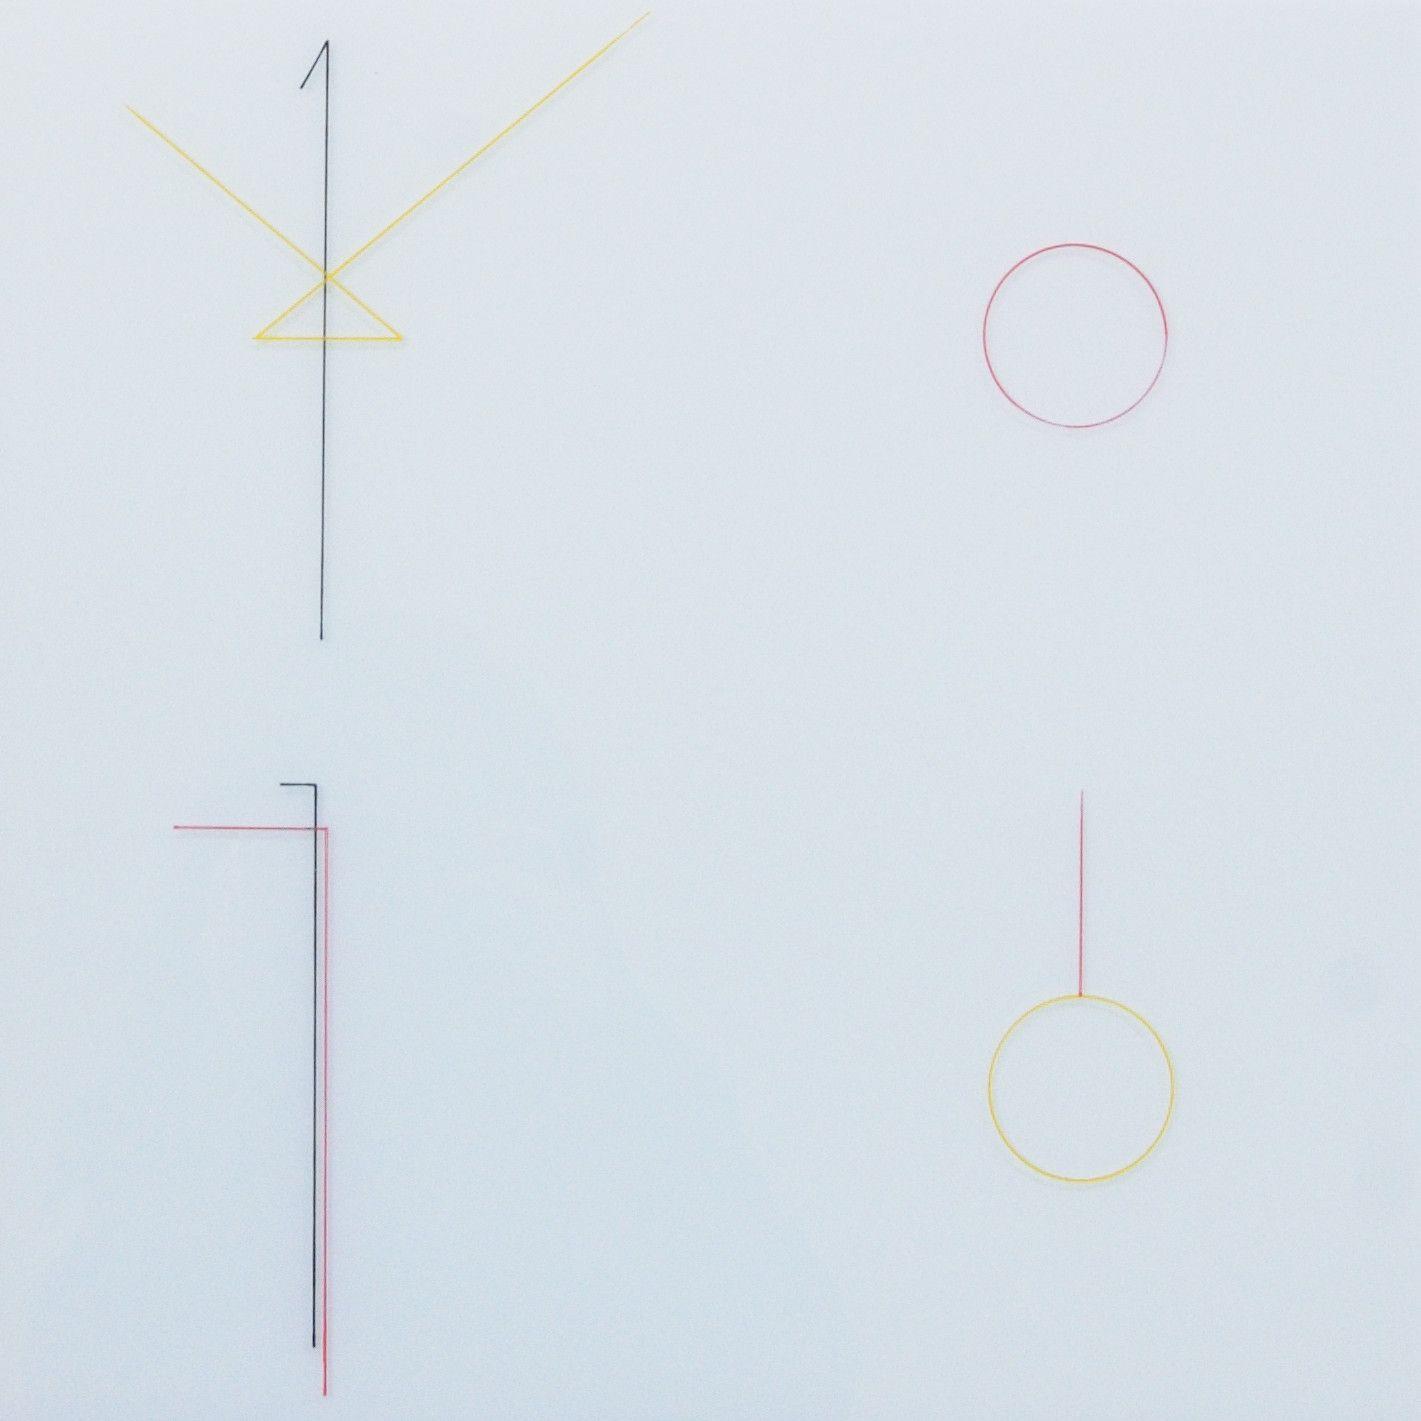 PROMOZIONE #artistadelmese VETRO DECORATO IGOR GRIGOLETTO ' LOVE '  dimensioni L 40 x H 40 com.